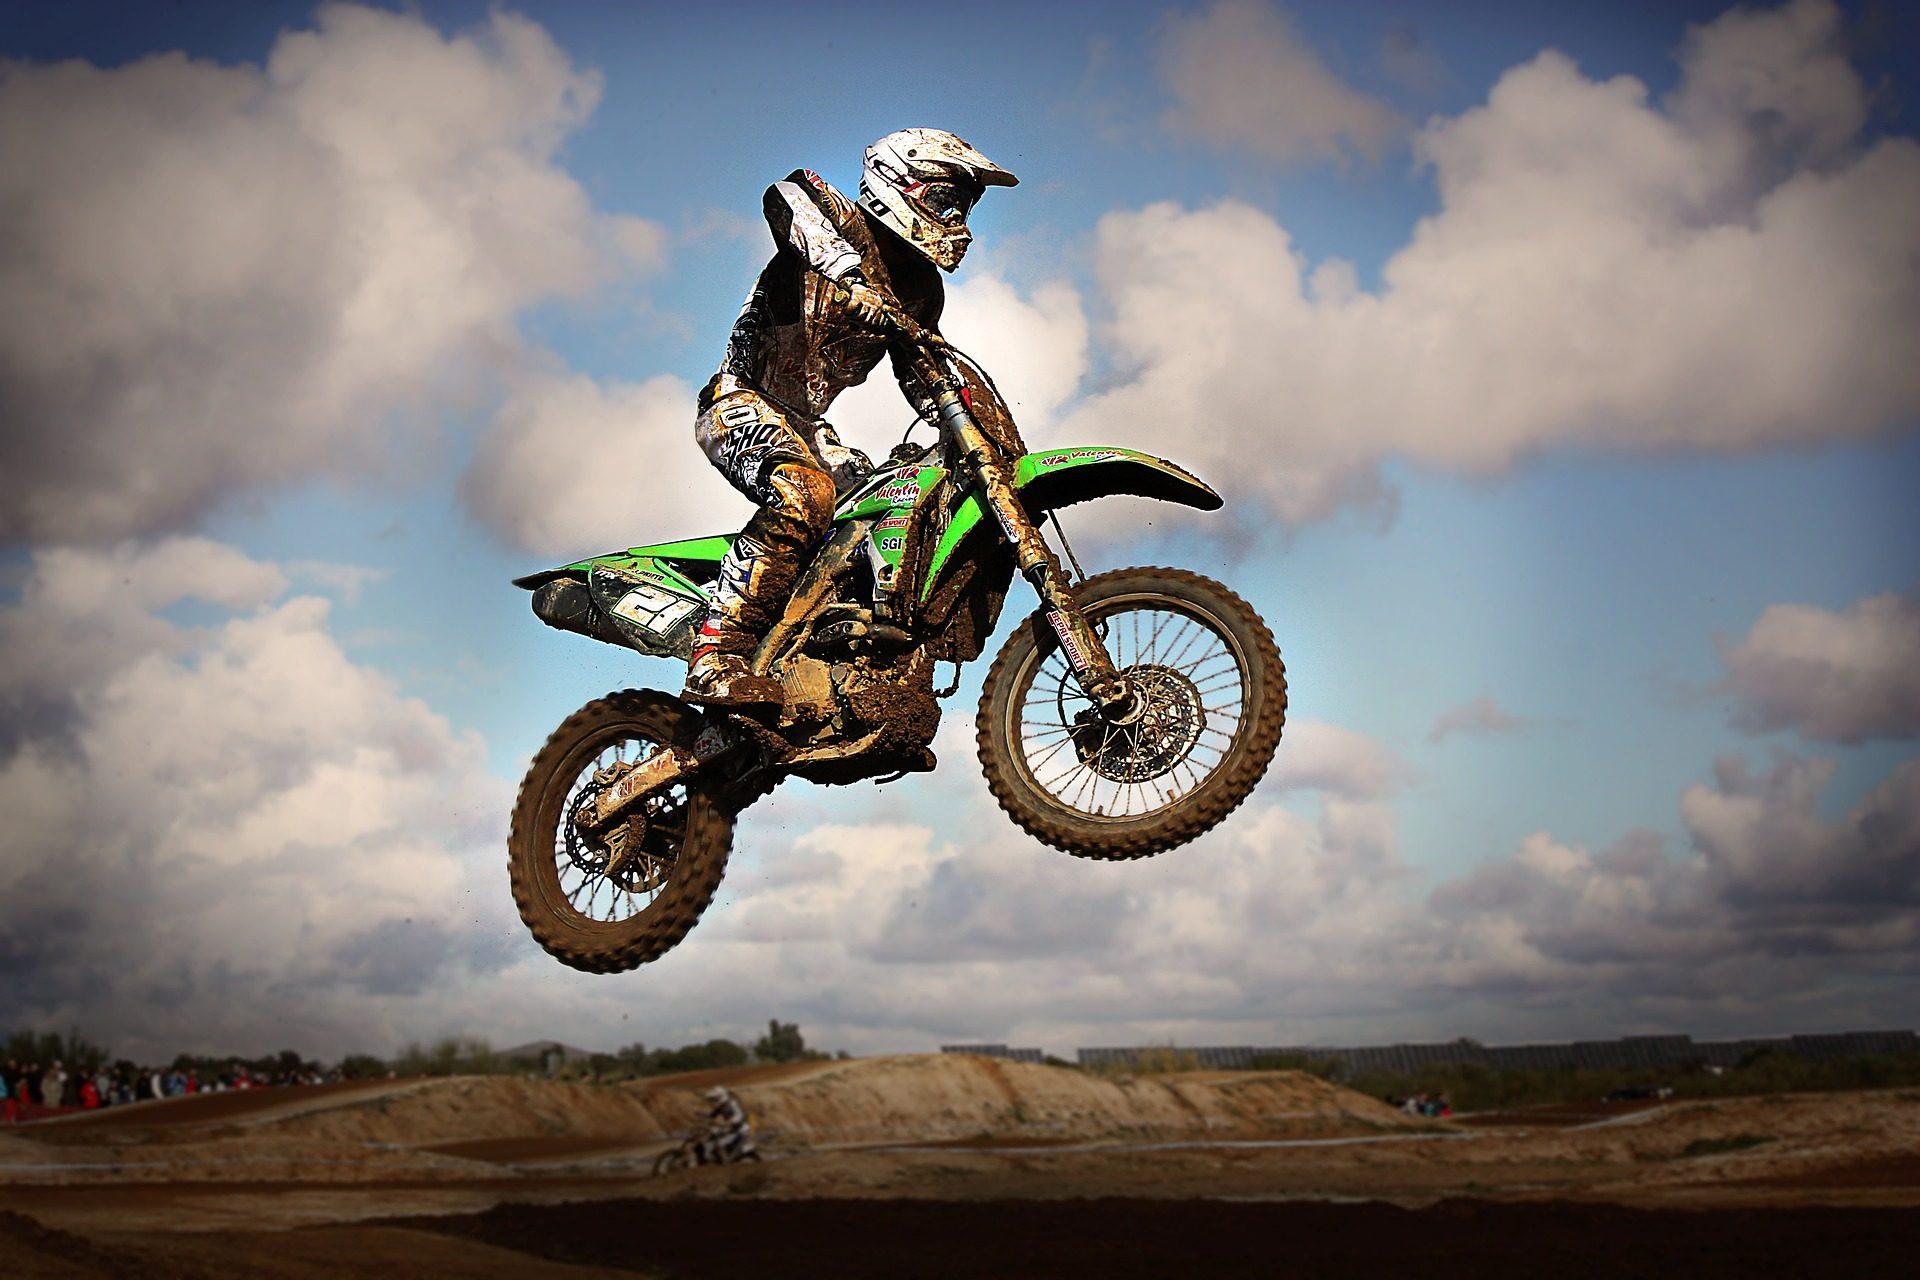 Fahrrad, Motocross, springen, Pirouette, Wettbewerb, Schlamm, Risiko - Wallpaper HD - Prof.-falken.com